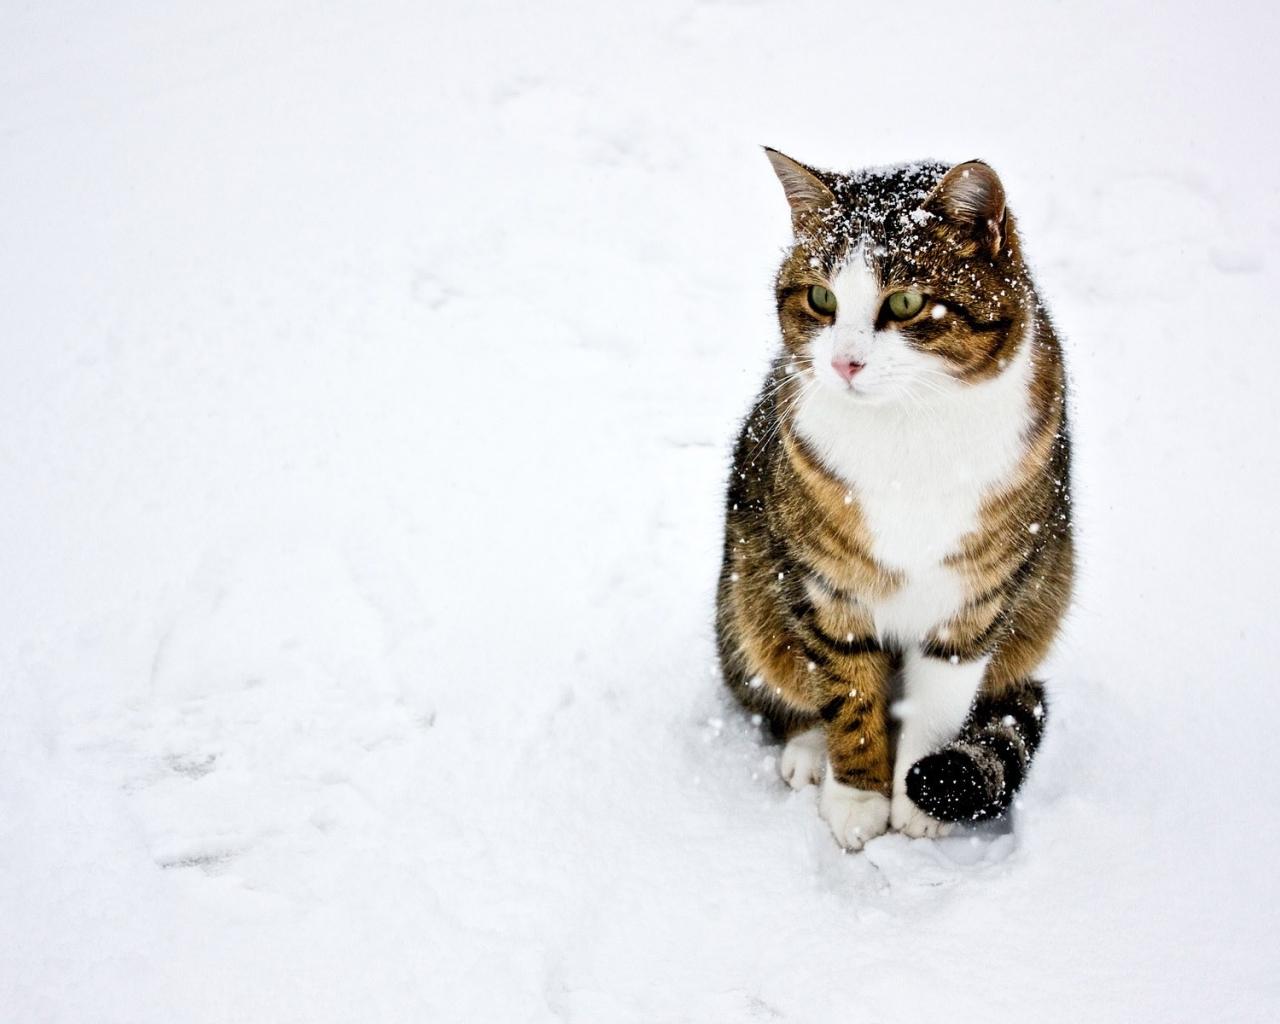 Un gato paseando en la nieve - 1280x1024